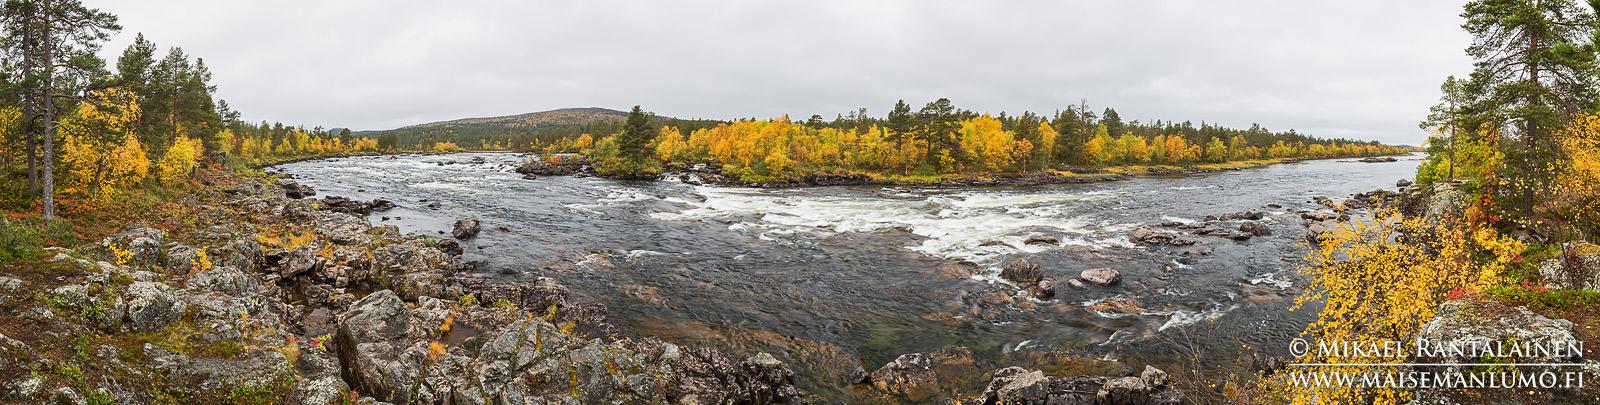 Ritakoski, Juutua, Inari (PK105)